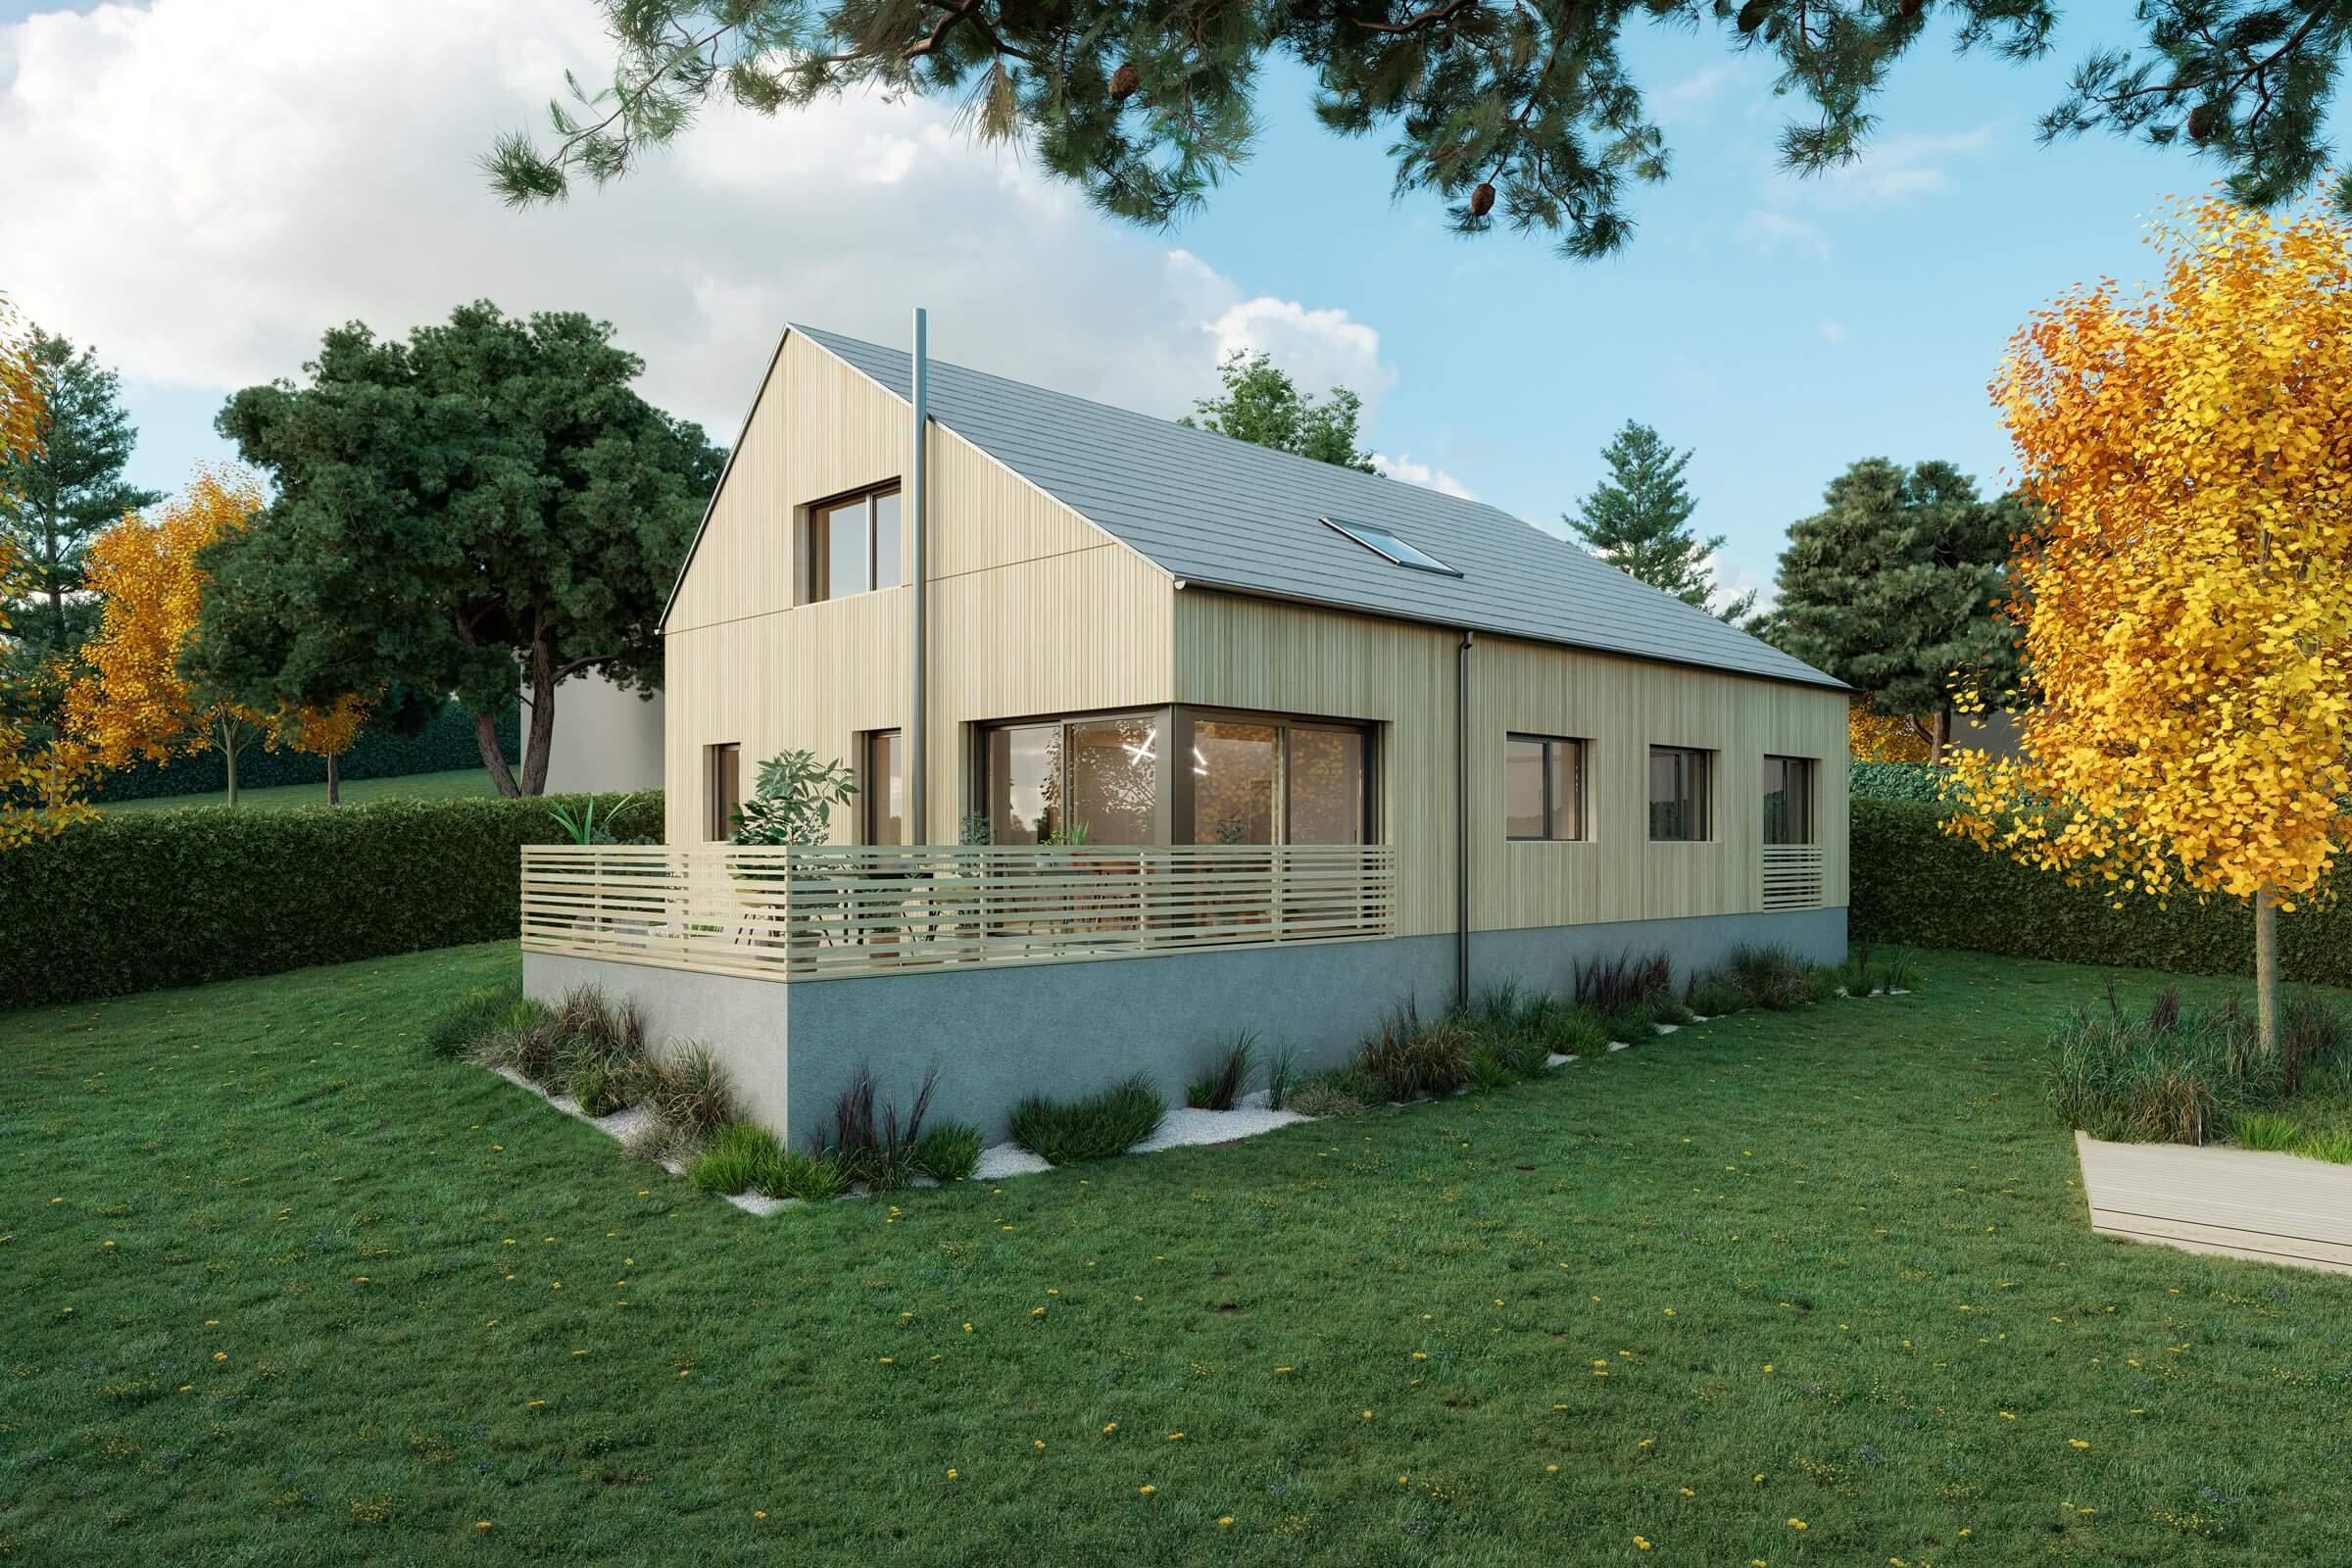 Blick vom Garten auf das Holzhaus mit Terrasse